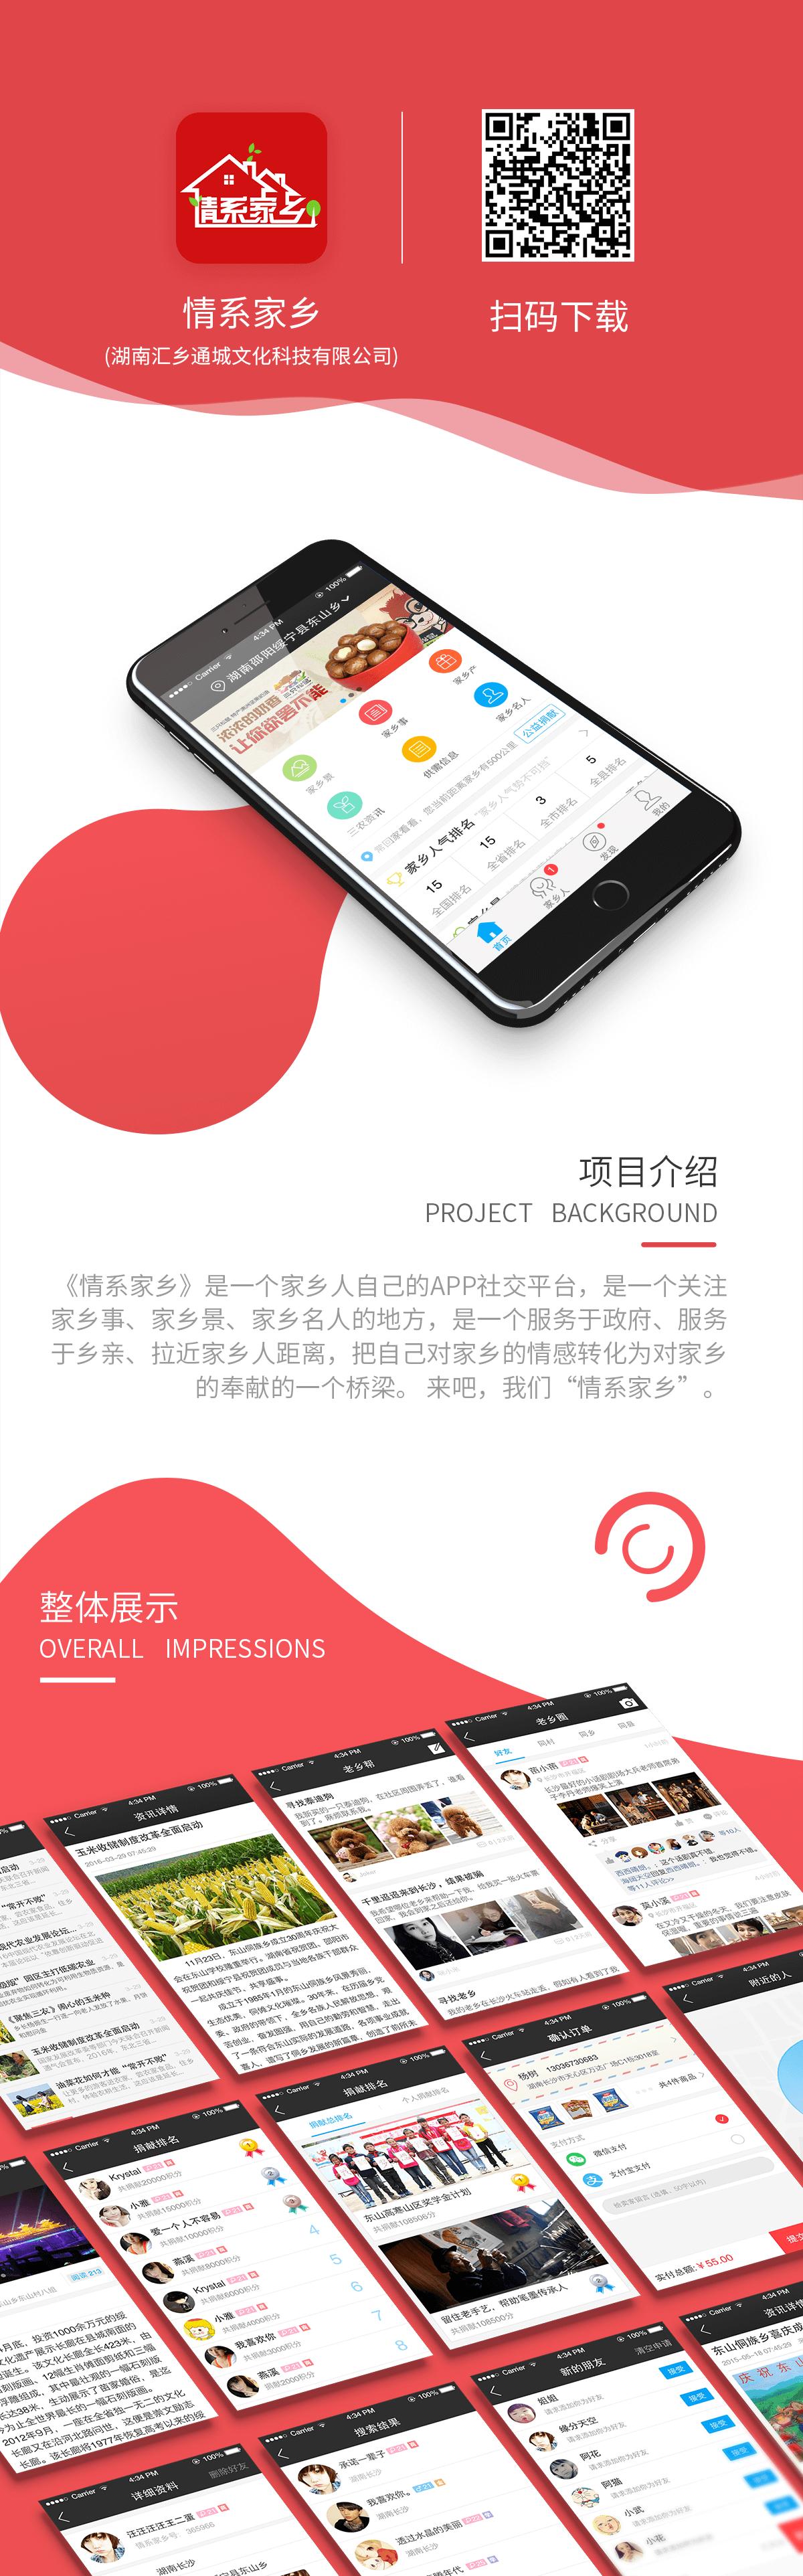 情系家乡(1).png